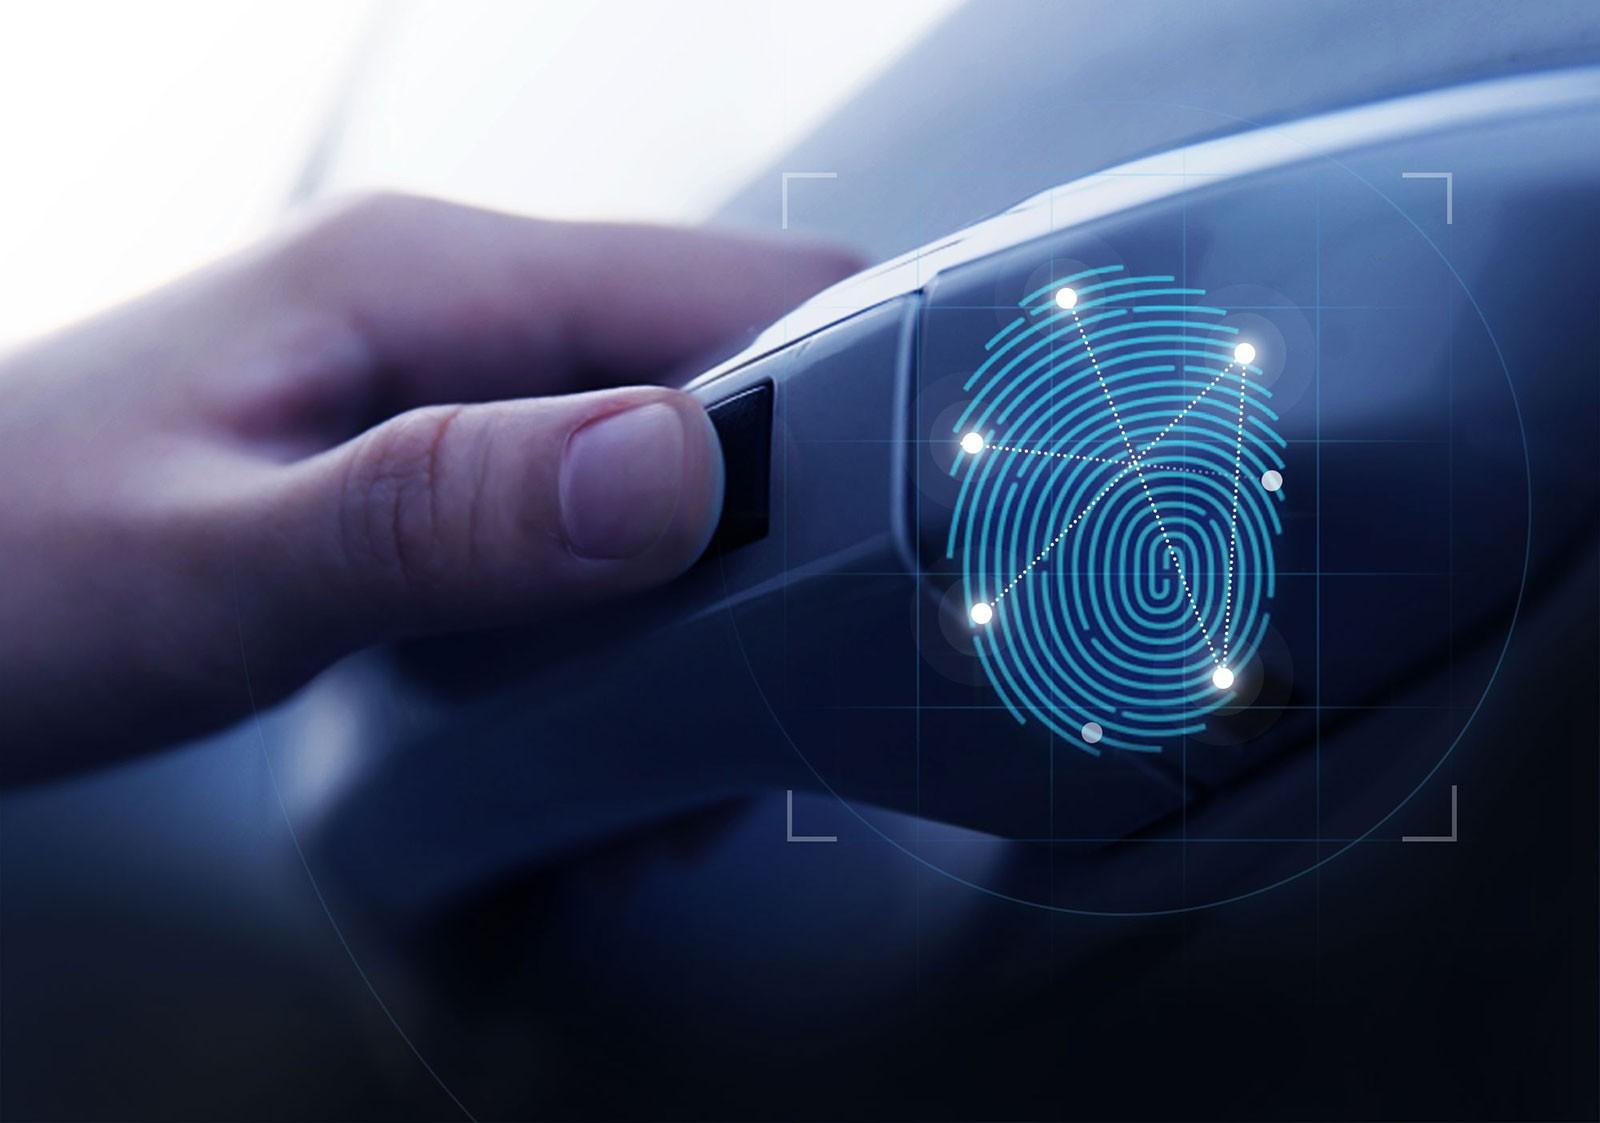 Hyundai Santa Fe 2019 bản Trung Quốc có công nghệ mở cửa bằng vân tay hiện không có ở bất kỳ đâu